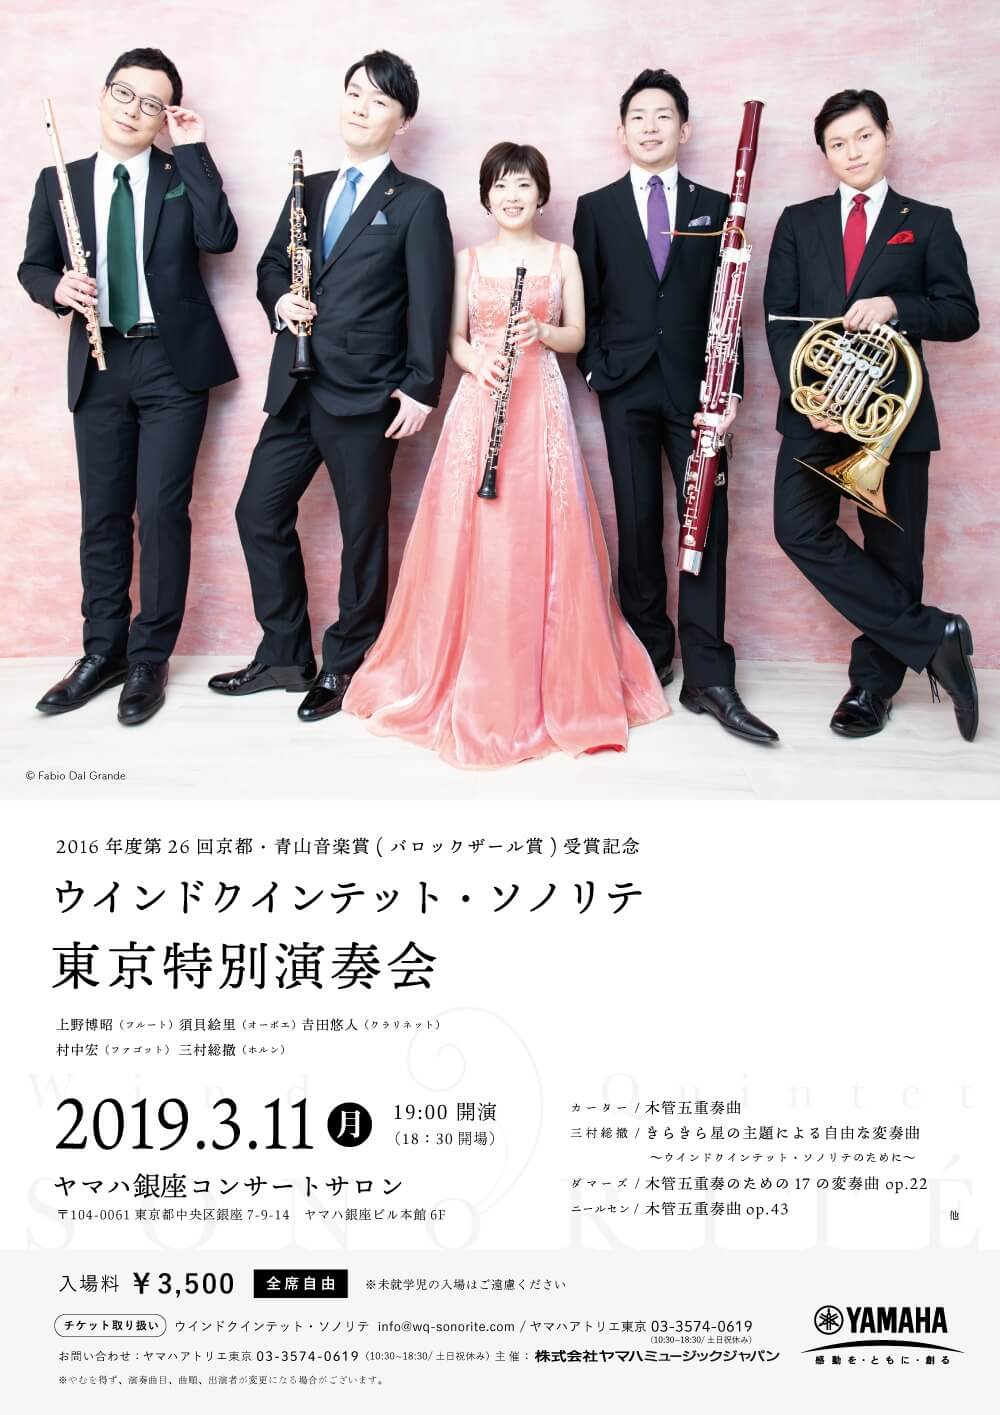 ウインドクインテット・ソノリテ 東京特別演奏会